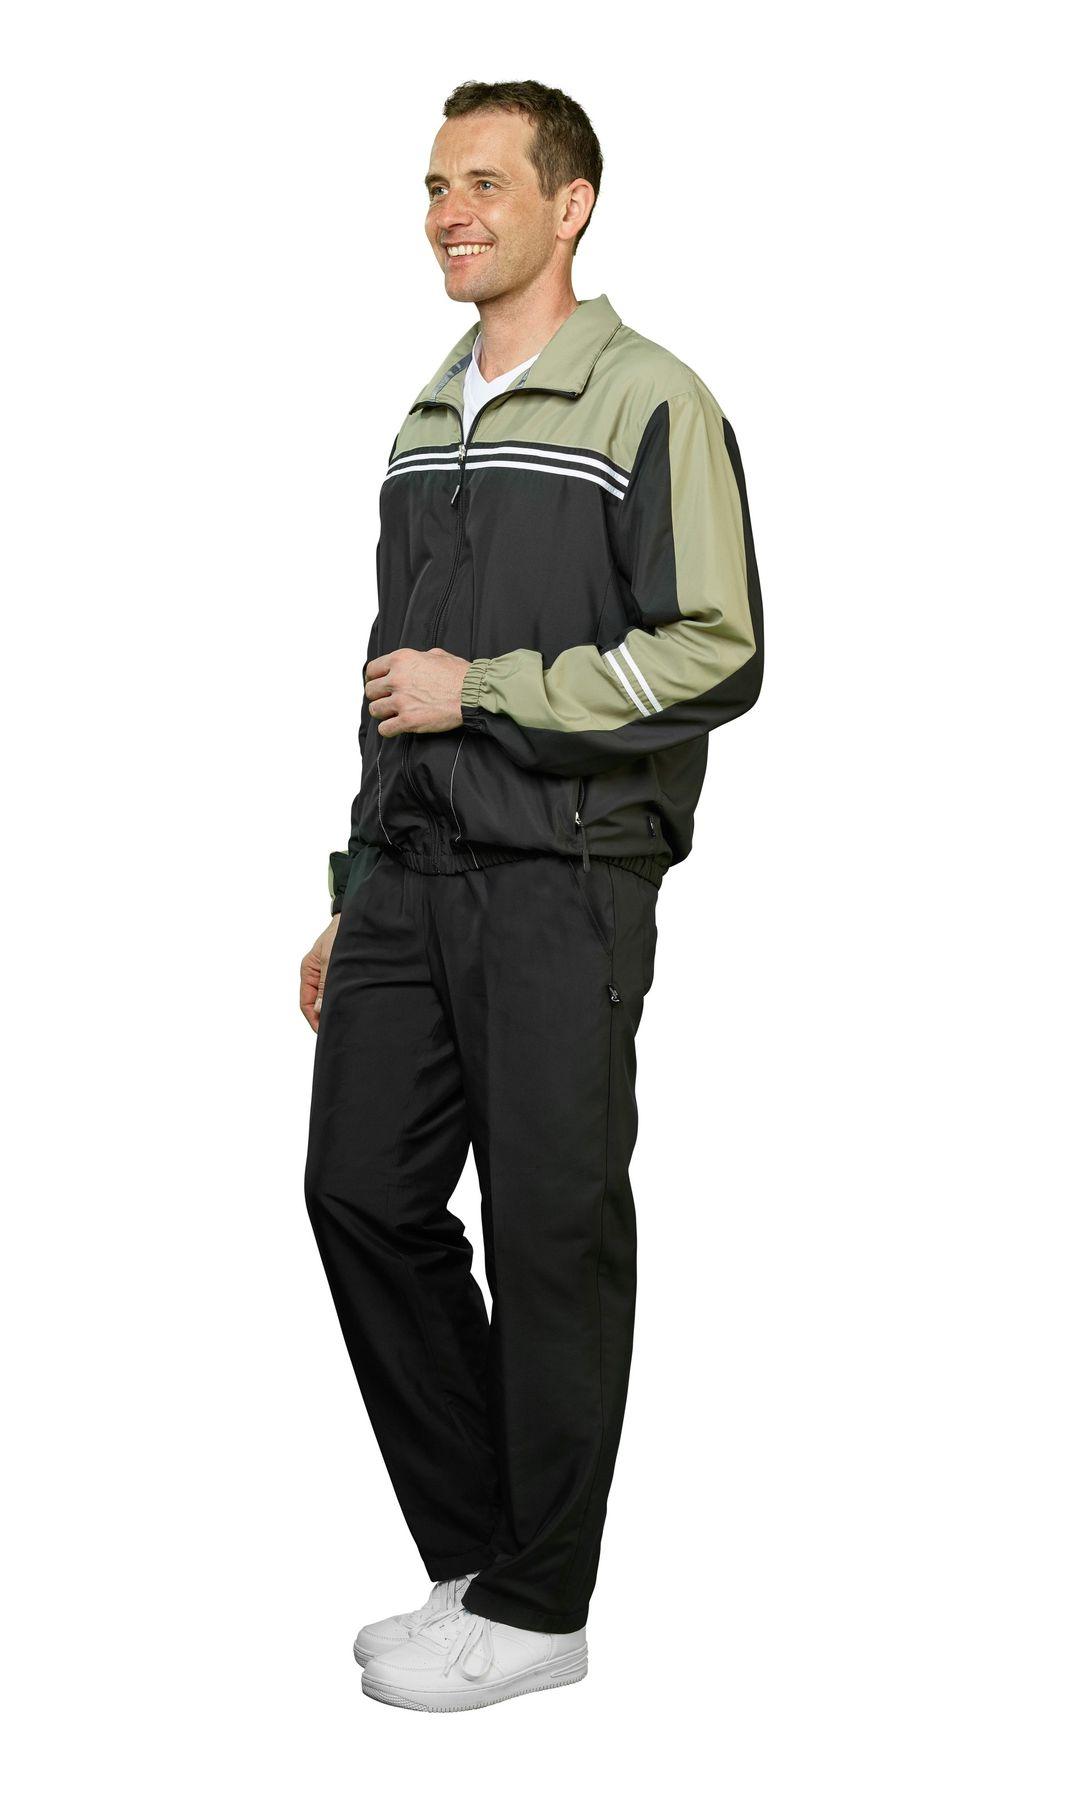 Authentic klein - Herren Sport und Freizeit Jacke in verschiedenen Farben (53062) – Bild 7